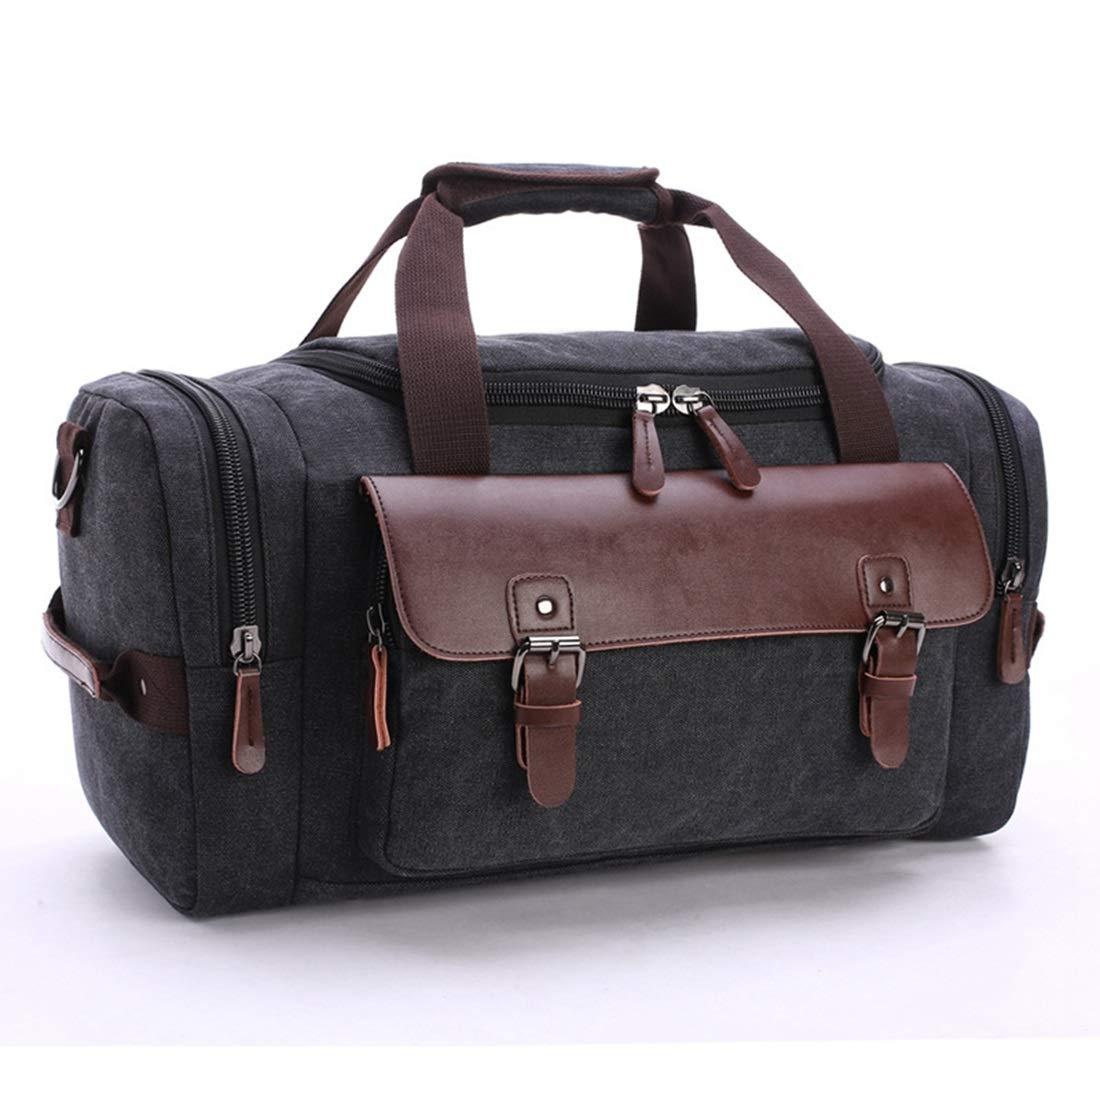 Color : Black Carriemeow Travel Bag Shoulder Messenger Hand Luggage Bag Large Travel Luggage Canvas Bag